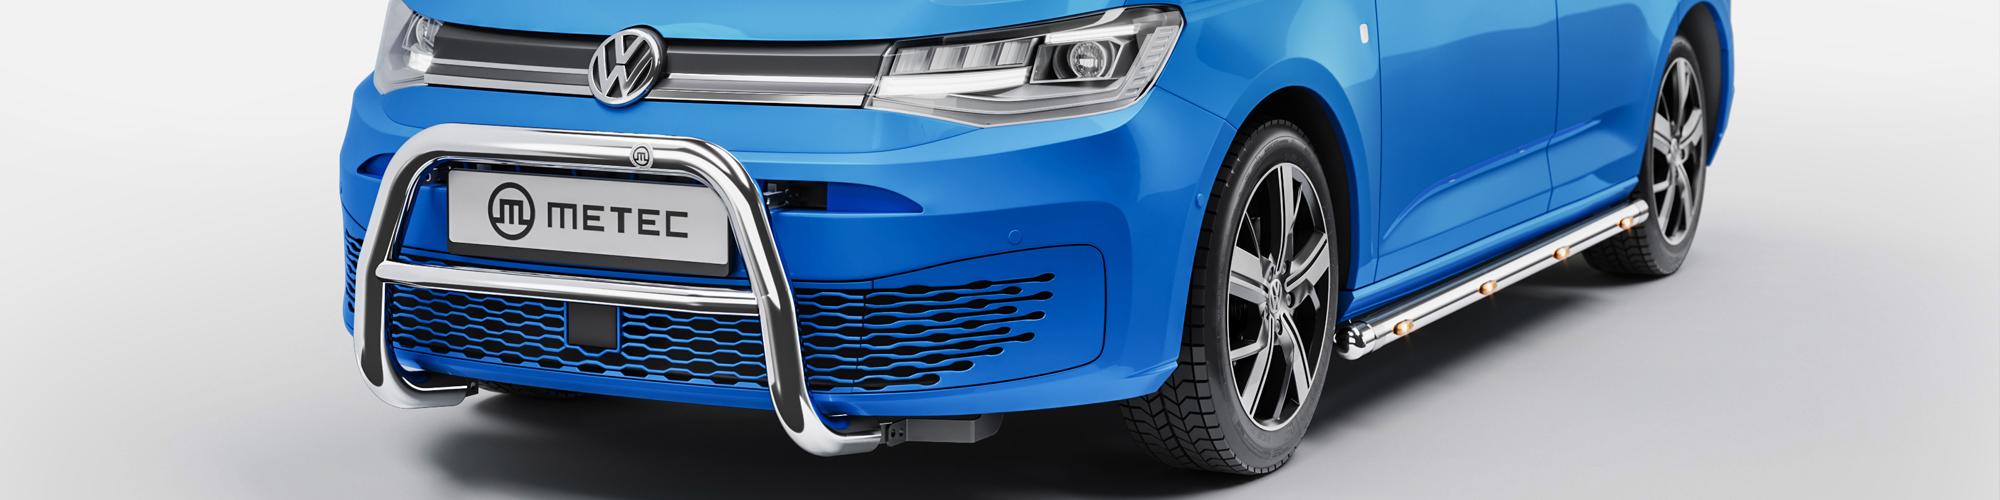 Frontbåge VW Caddy 2021+ bakgrundsbild